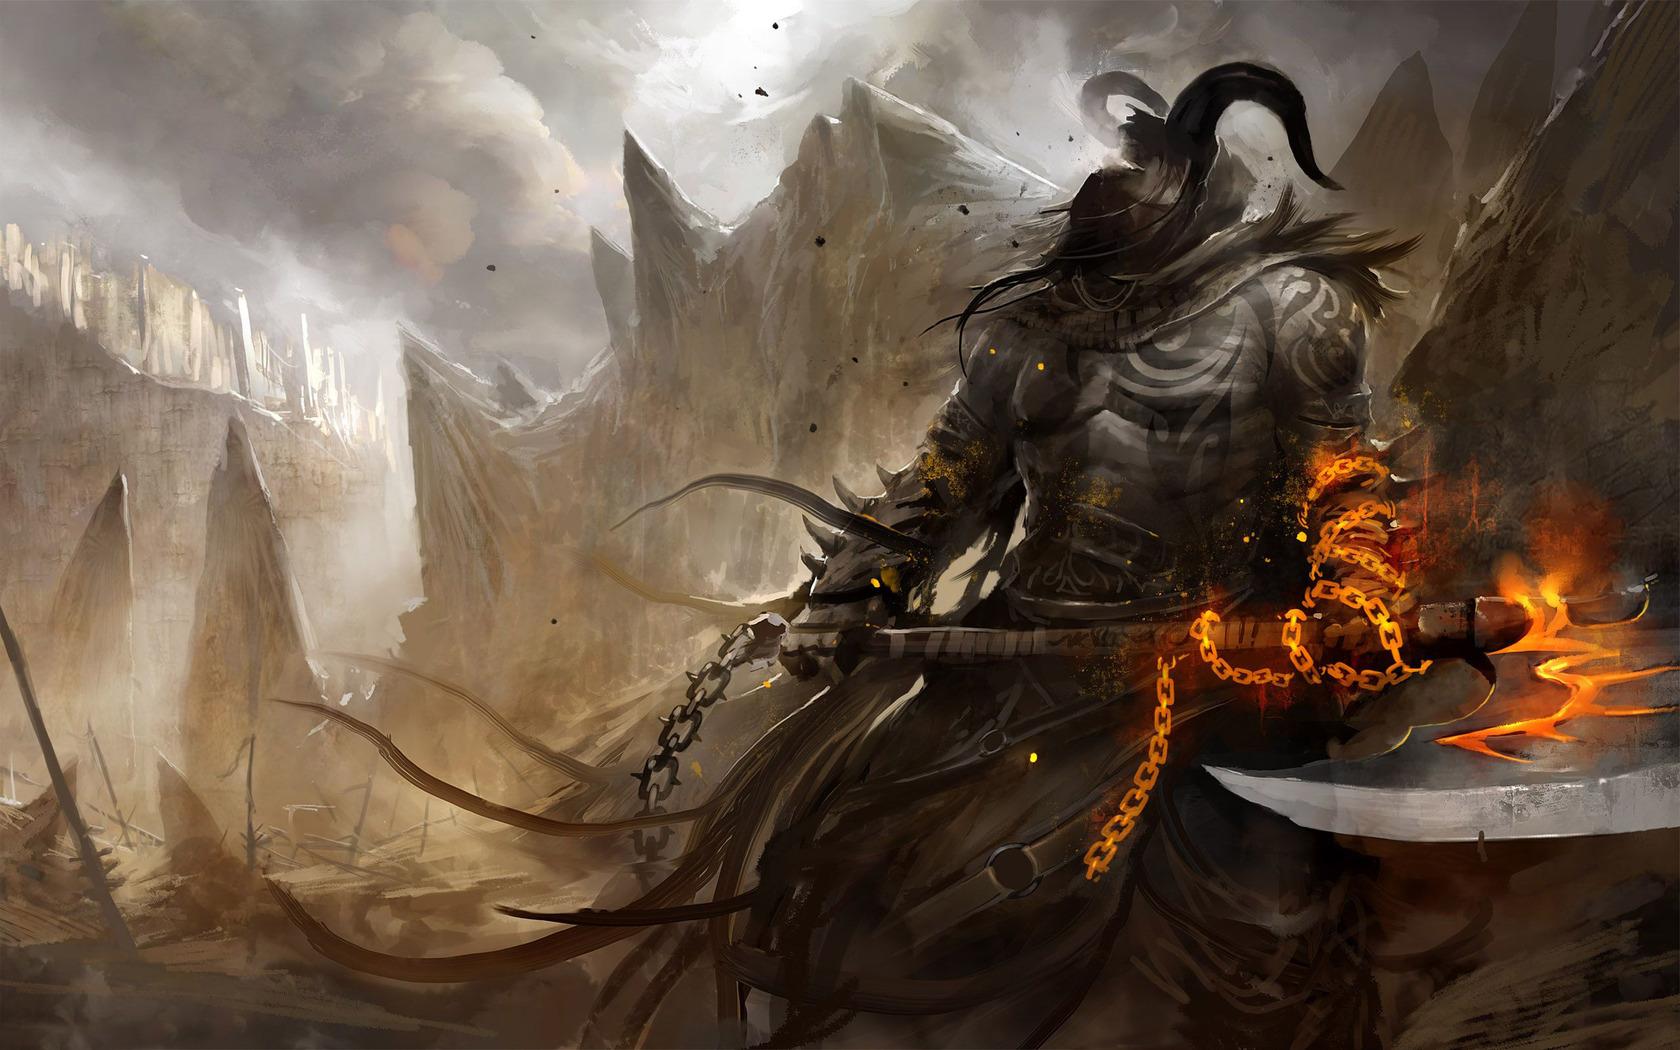 Download Demon warrior wallpaper 1680x1050